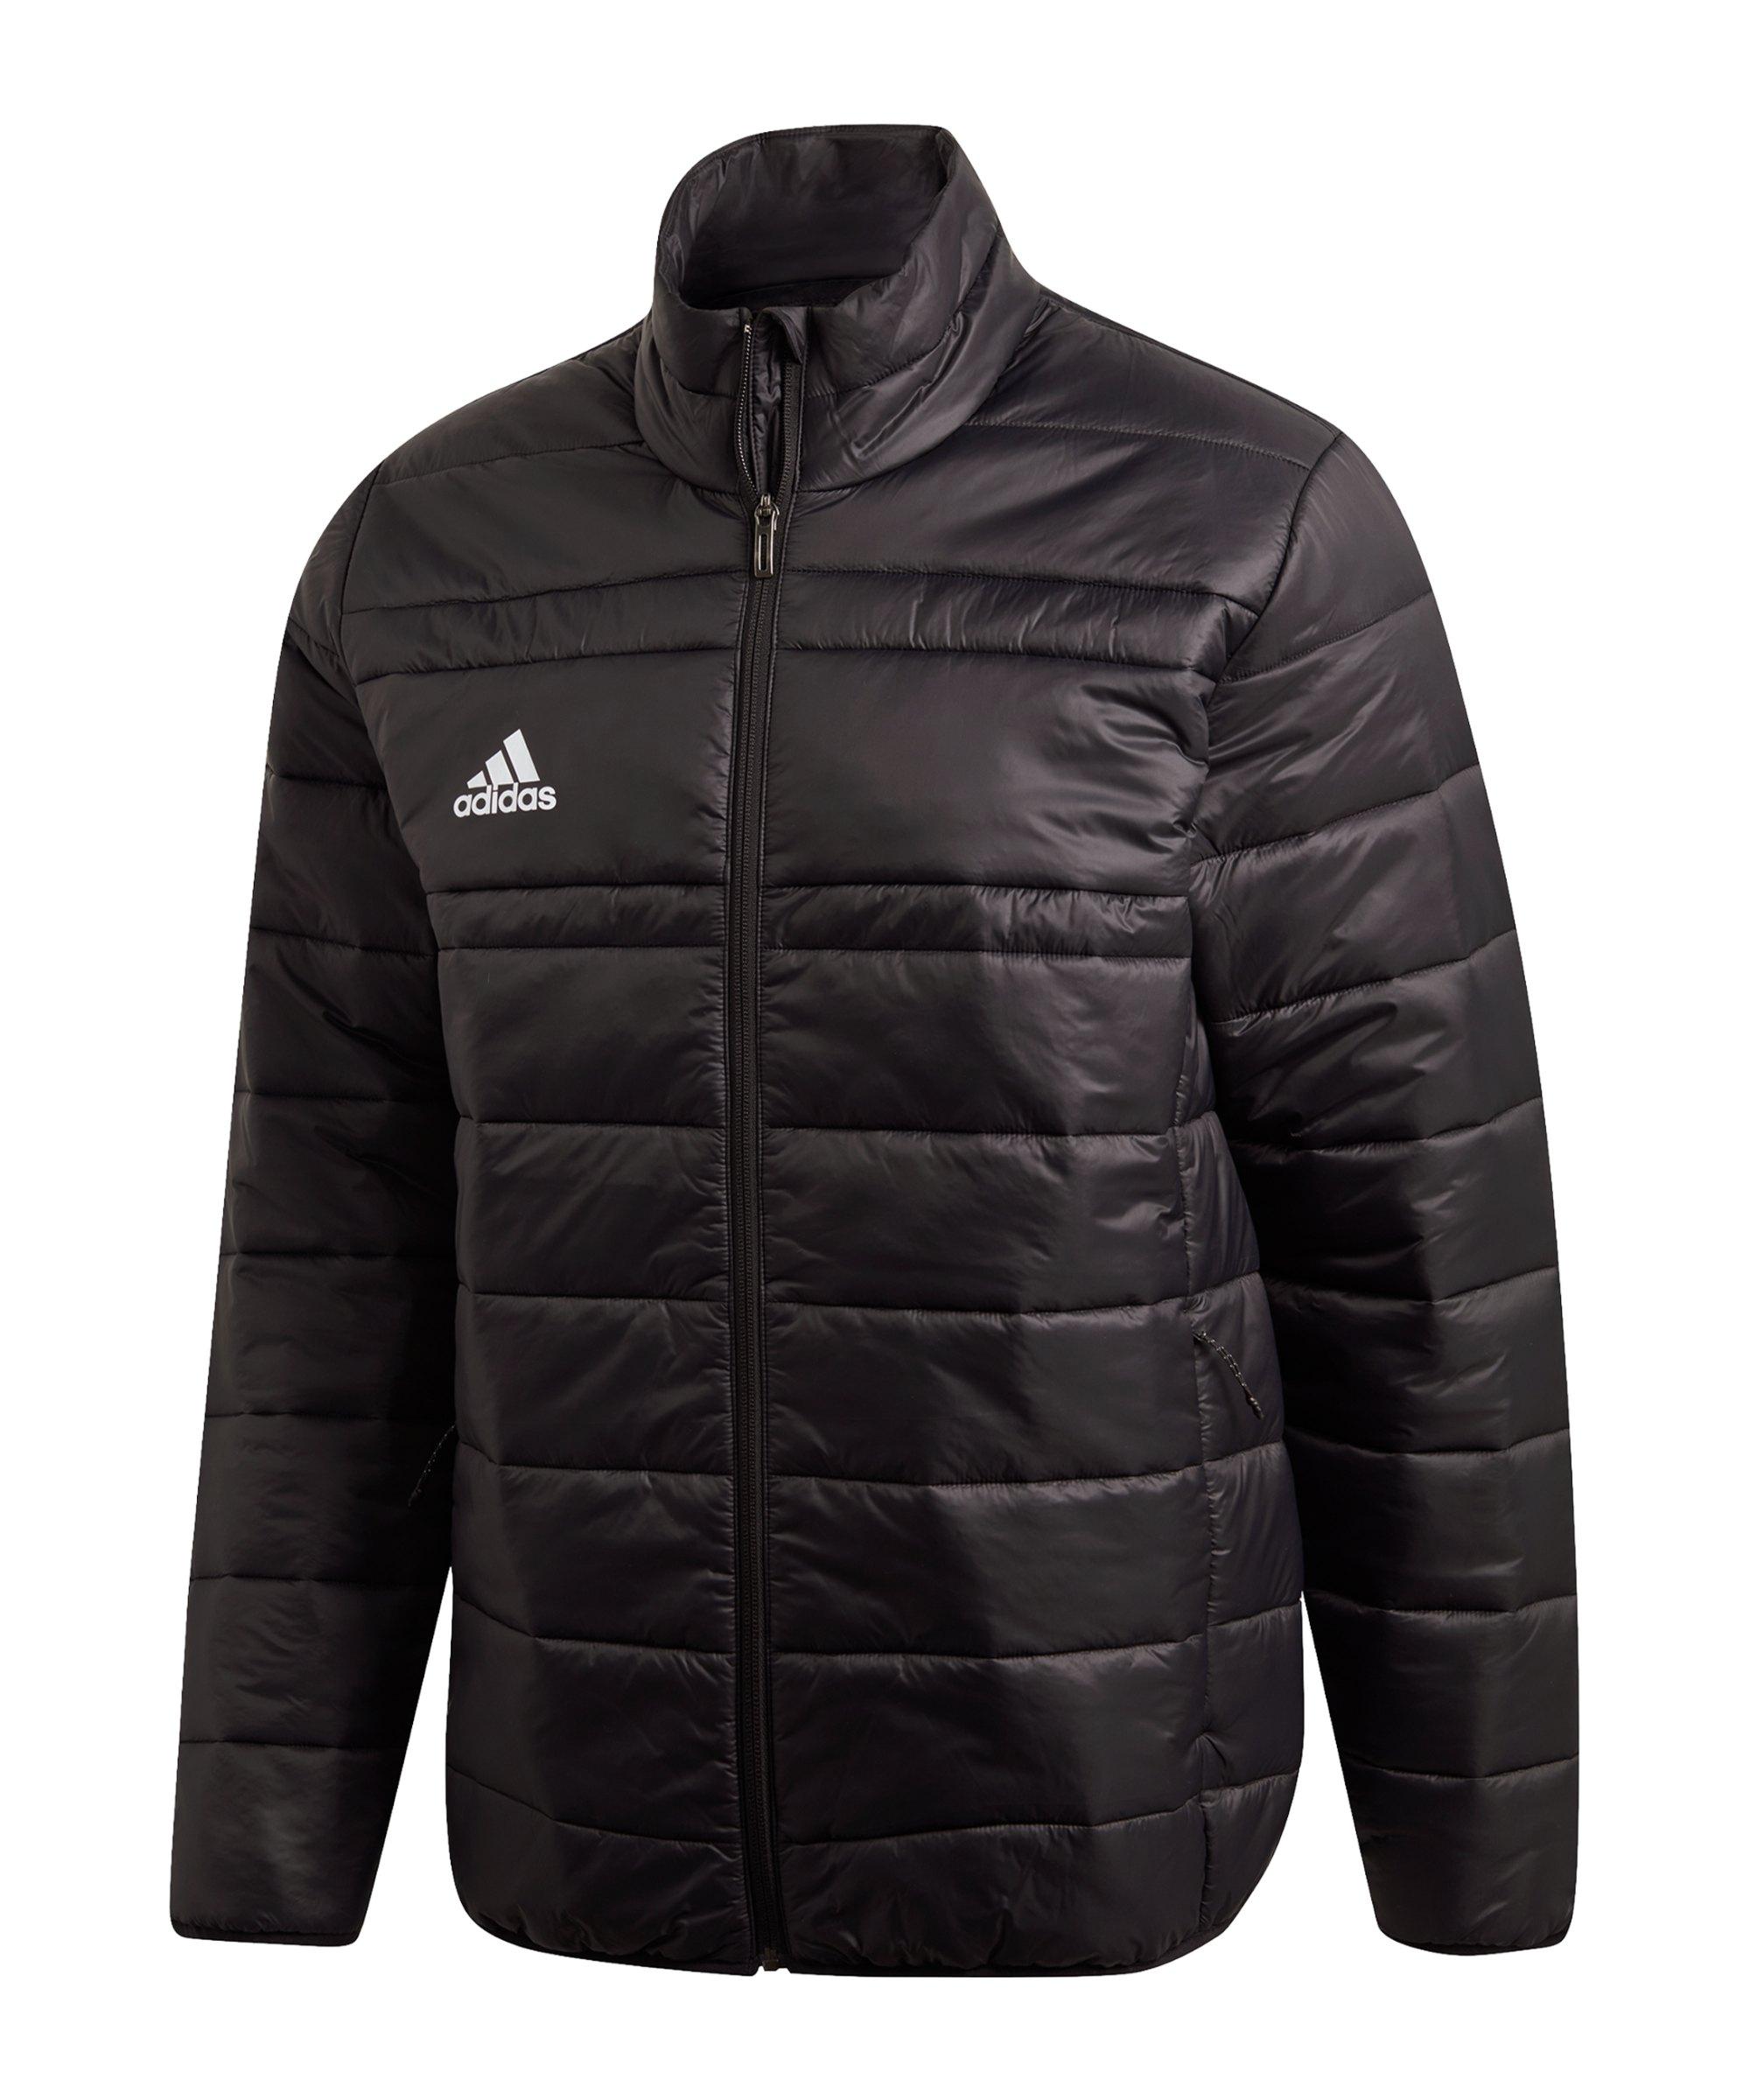 adidas Padded Jacke 18 Schwarz - schwarz